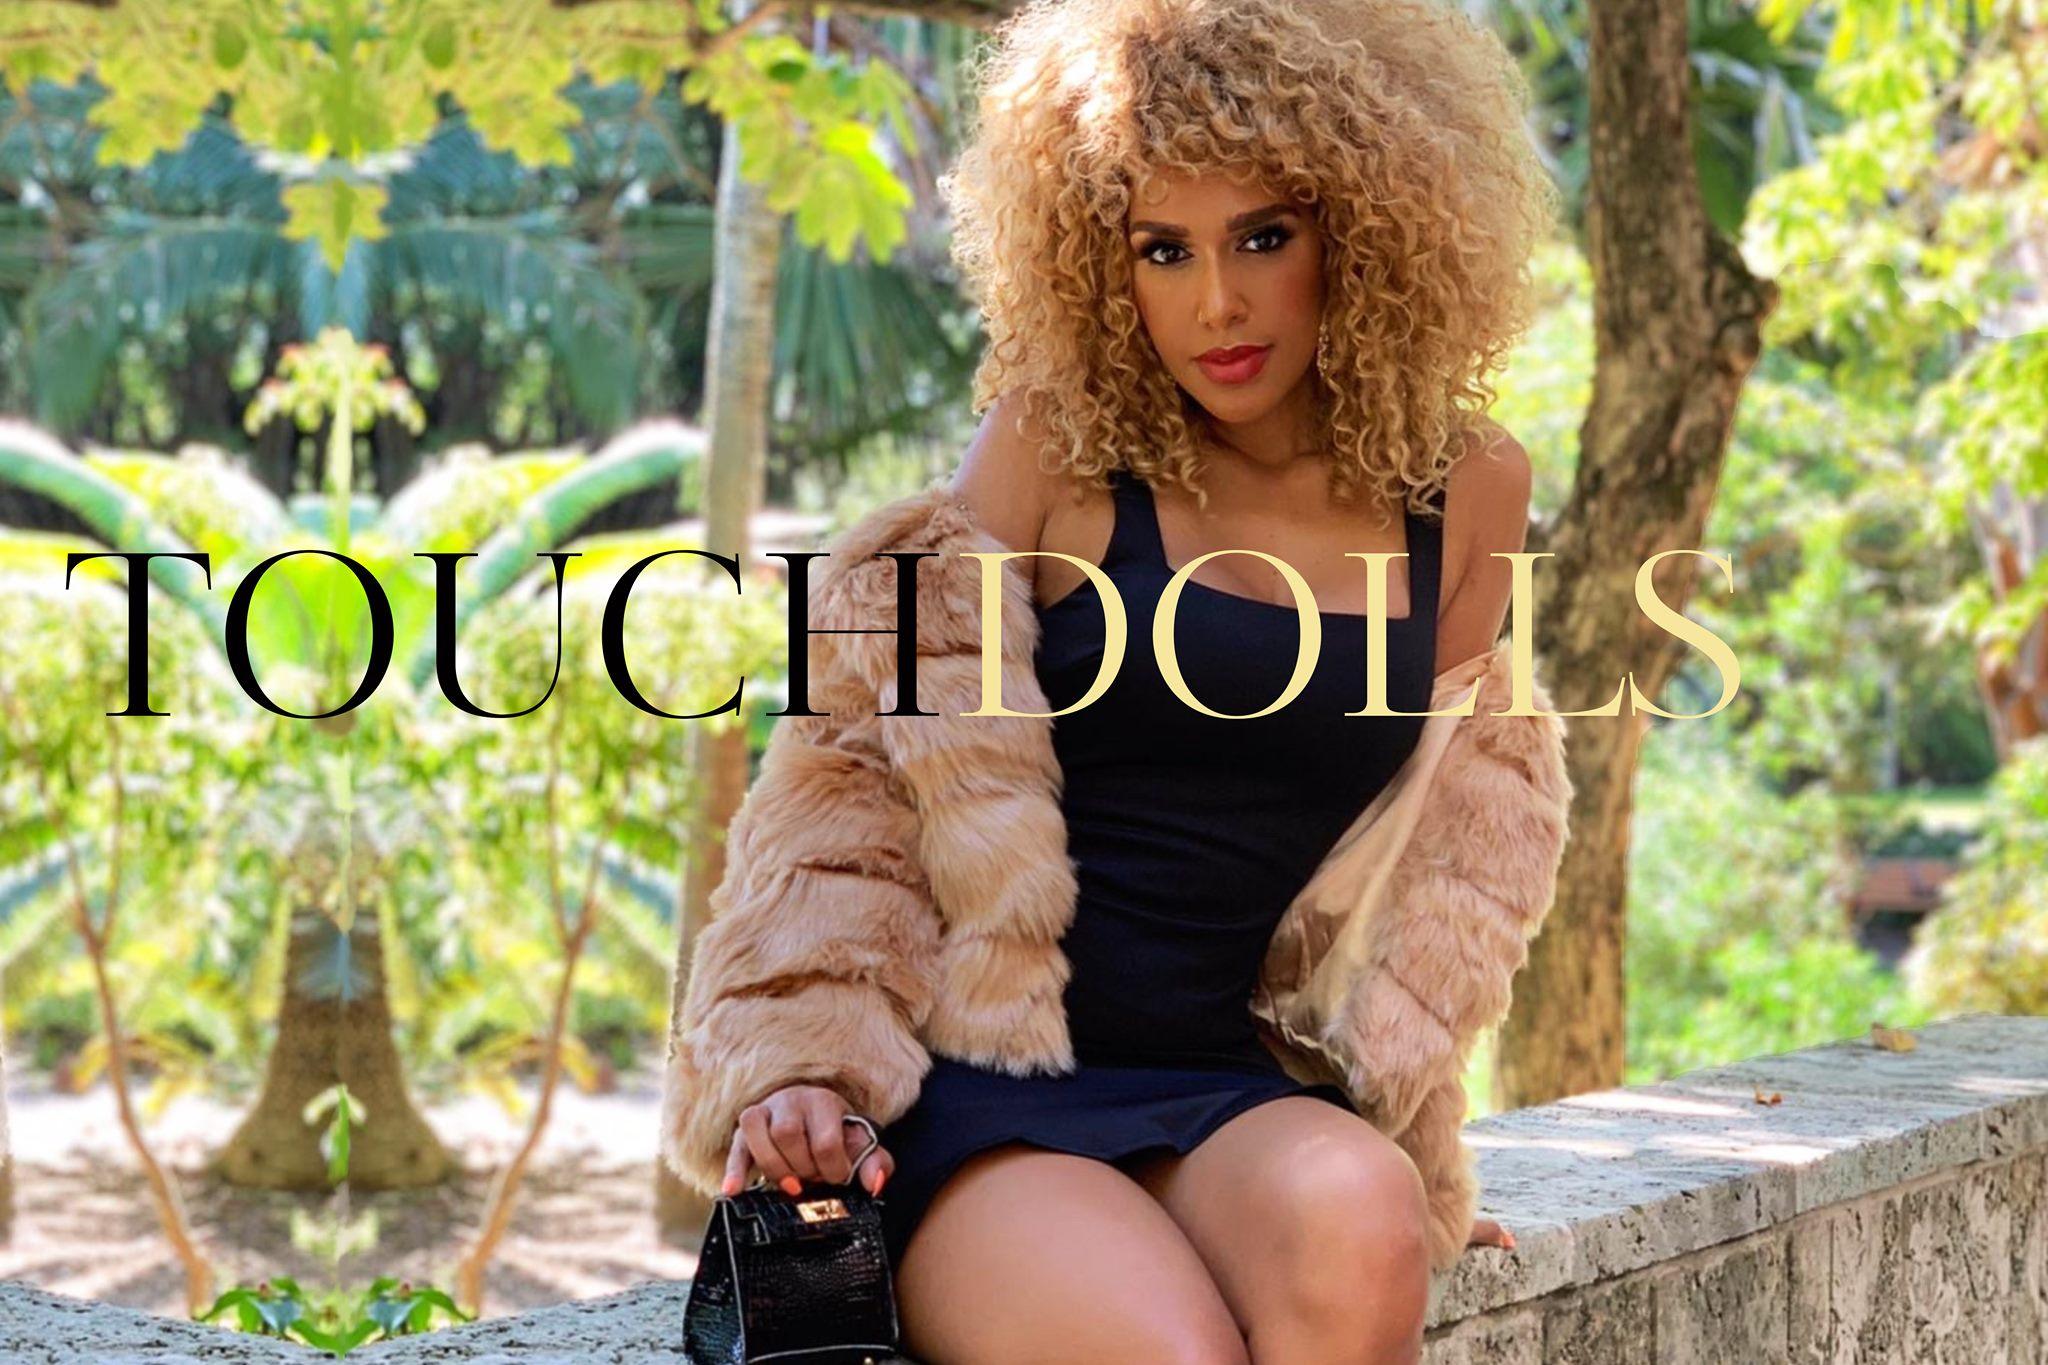 touchdolls